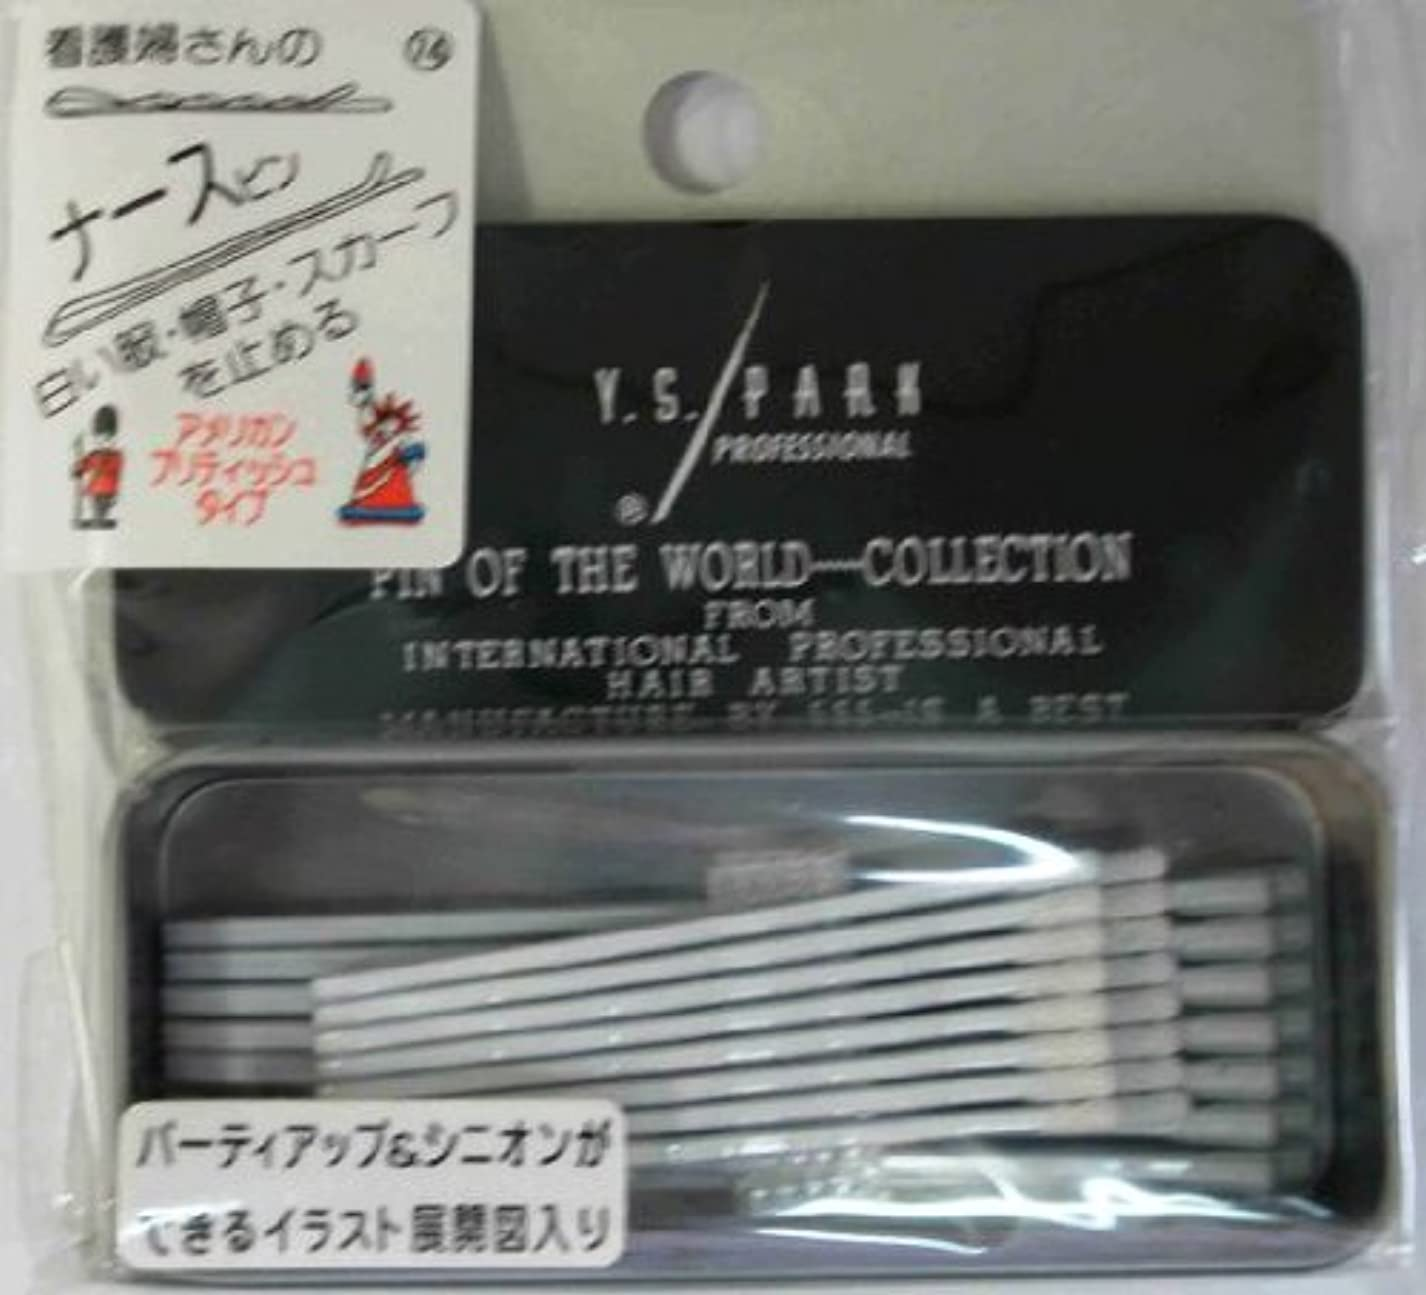 くすぐったい称賛暗黙Y.S.PARK世界のヘアピンコレクションNo.74(白)アメリカンブリティッシュタイプ15P